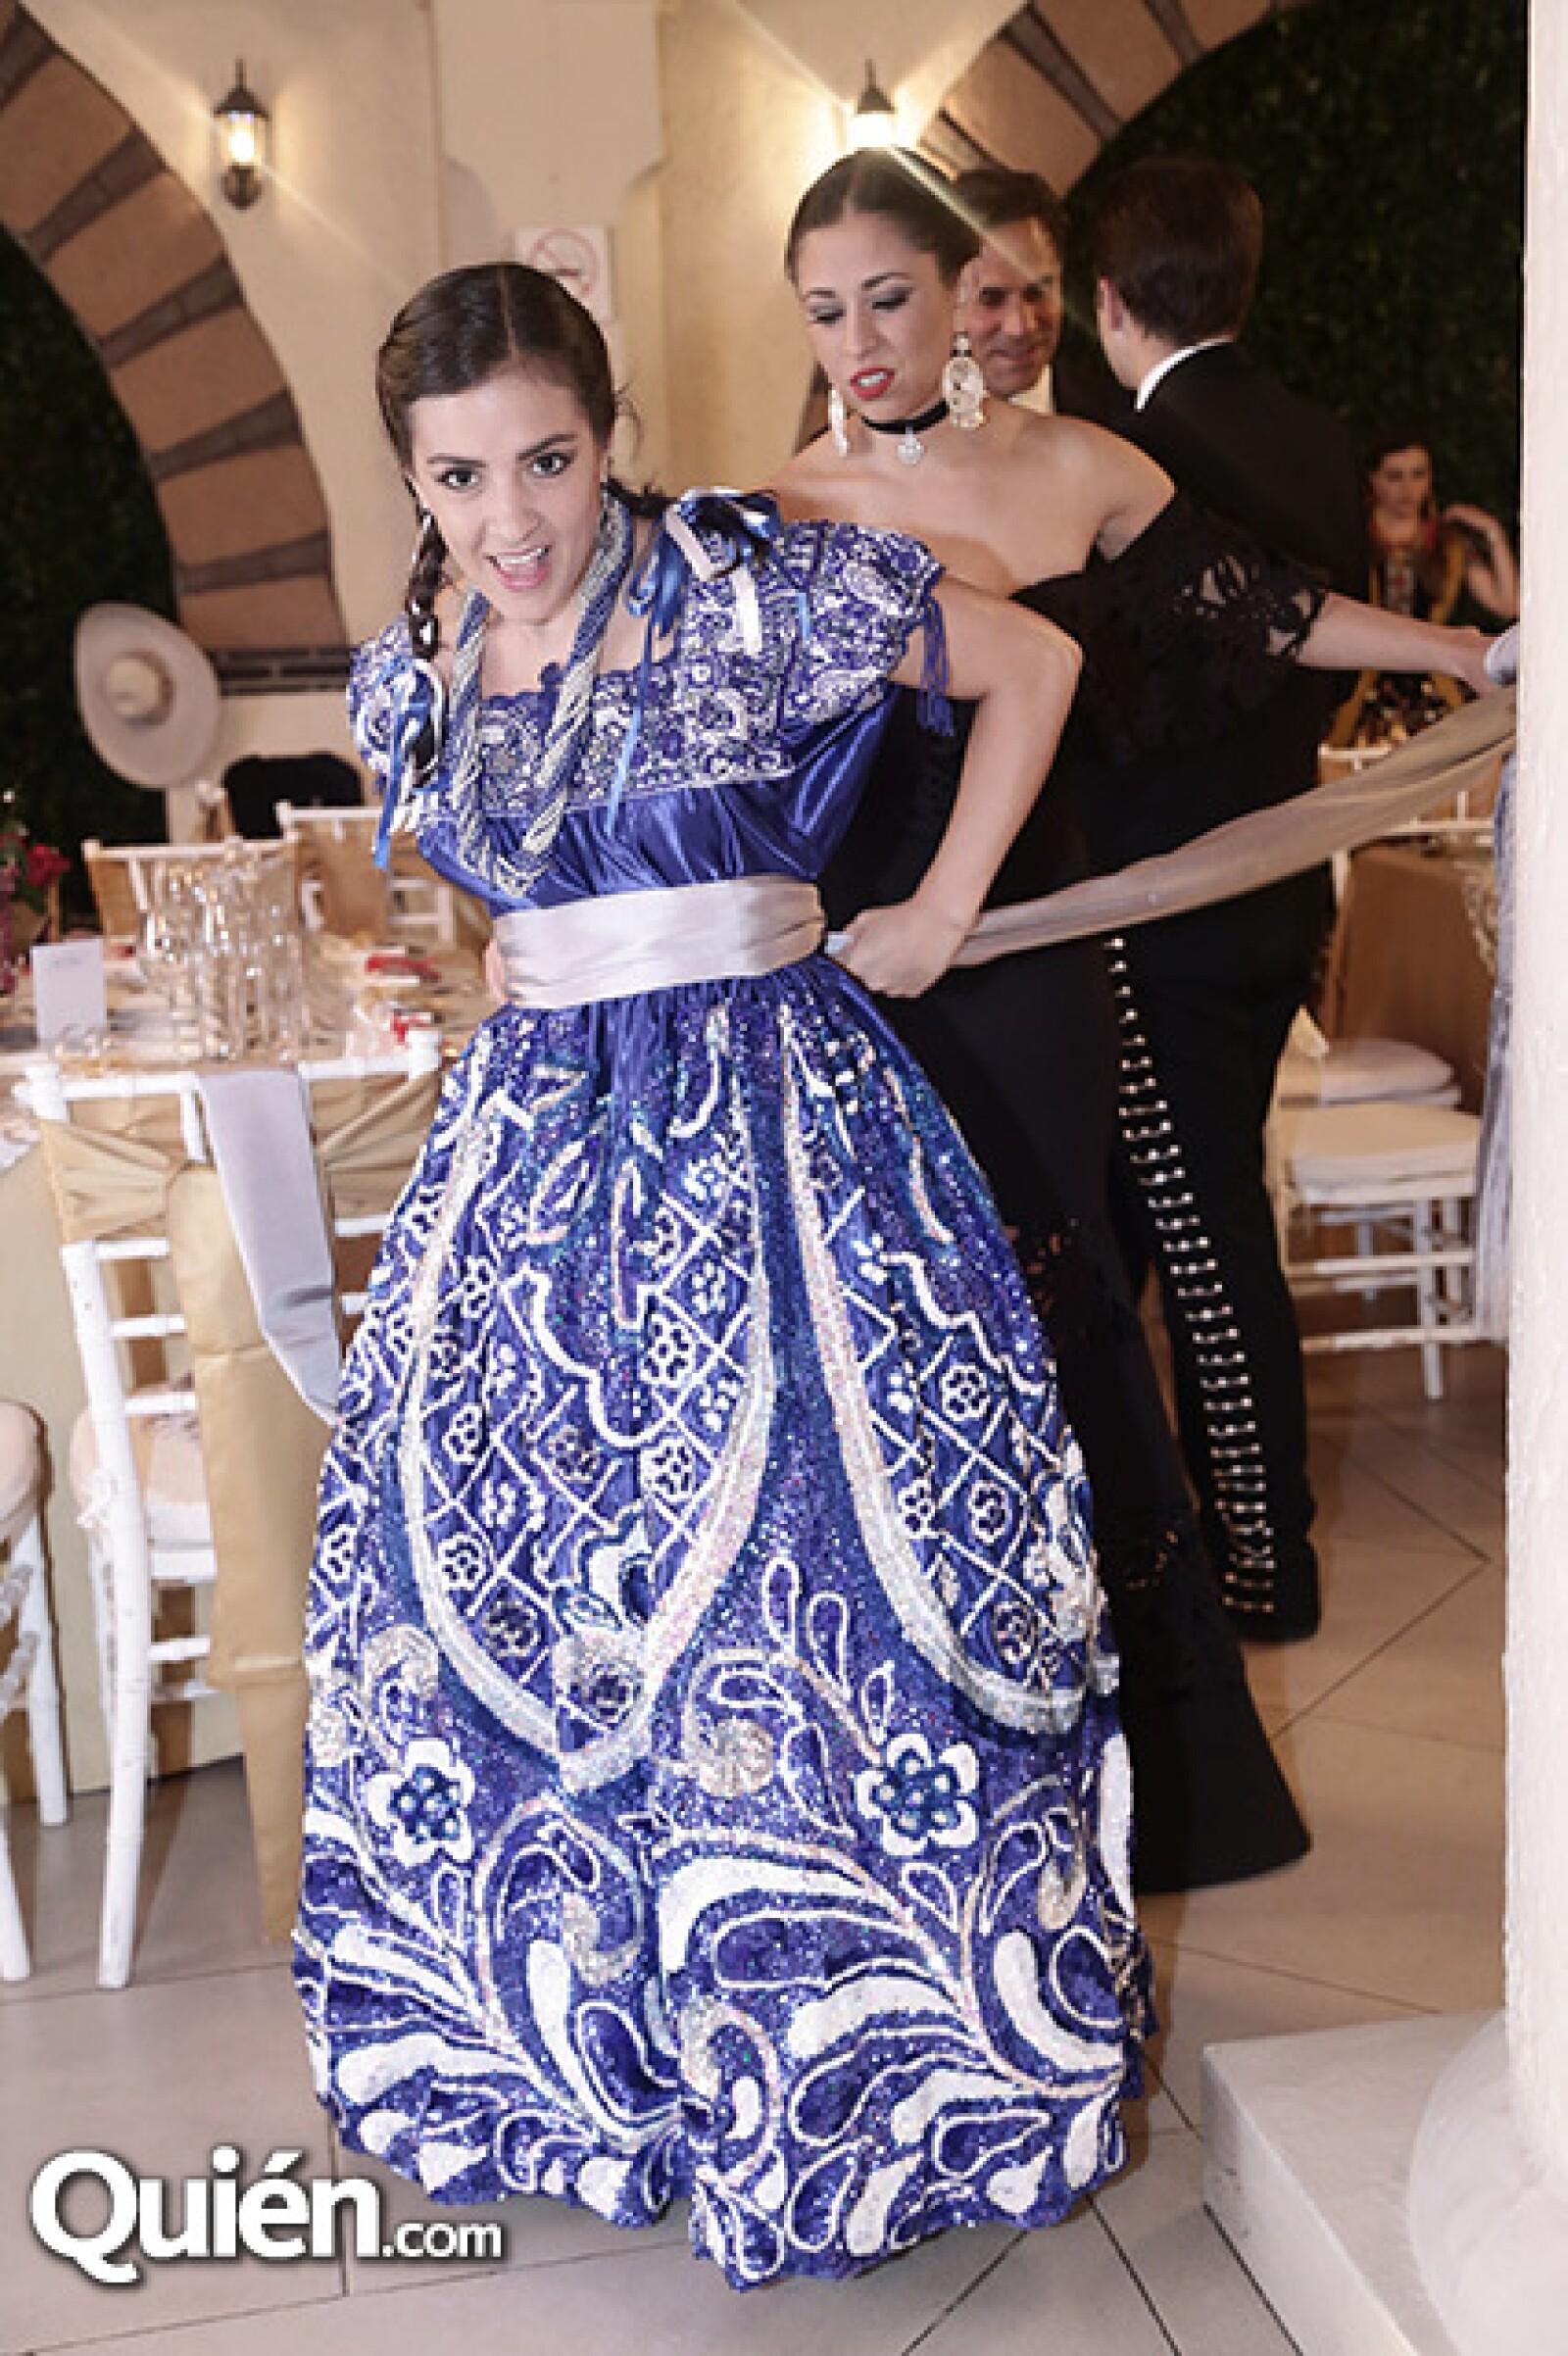 Mariana Arenas